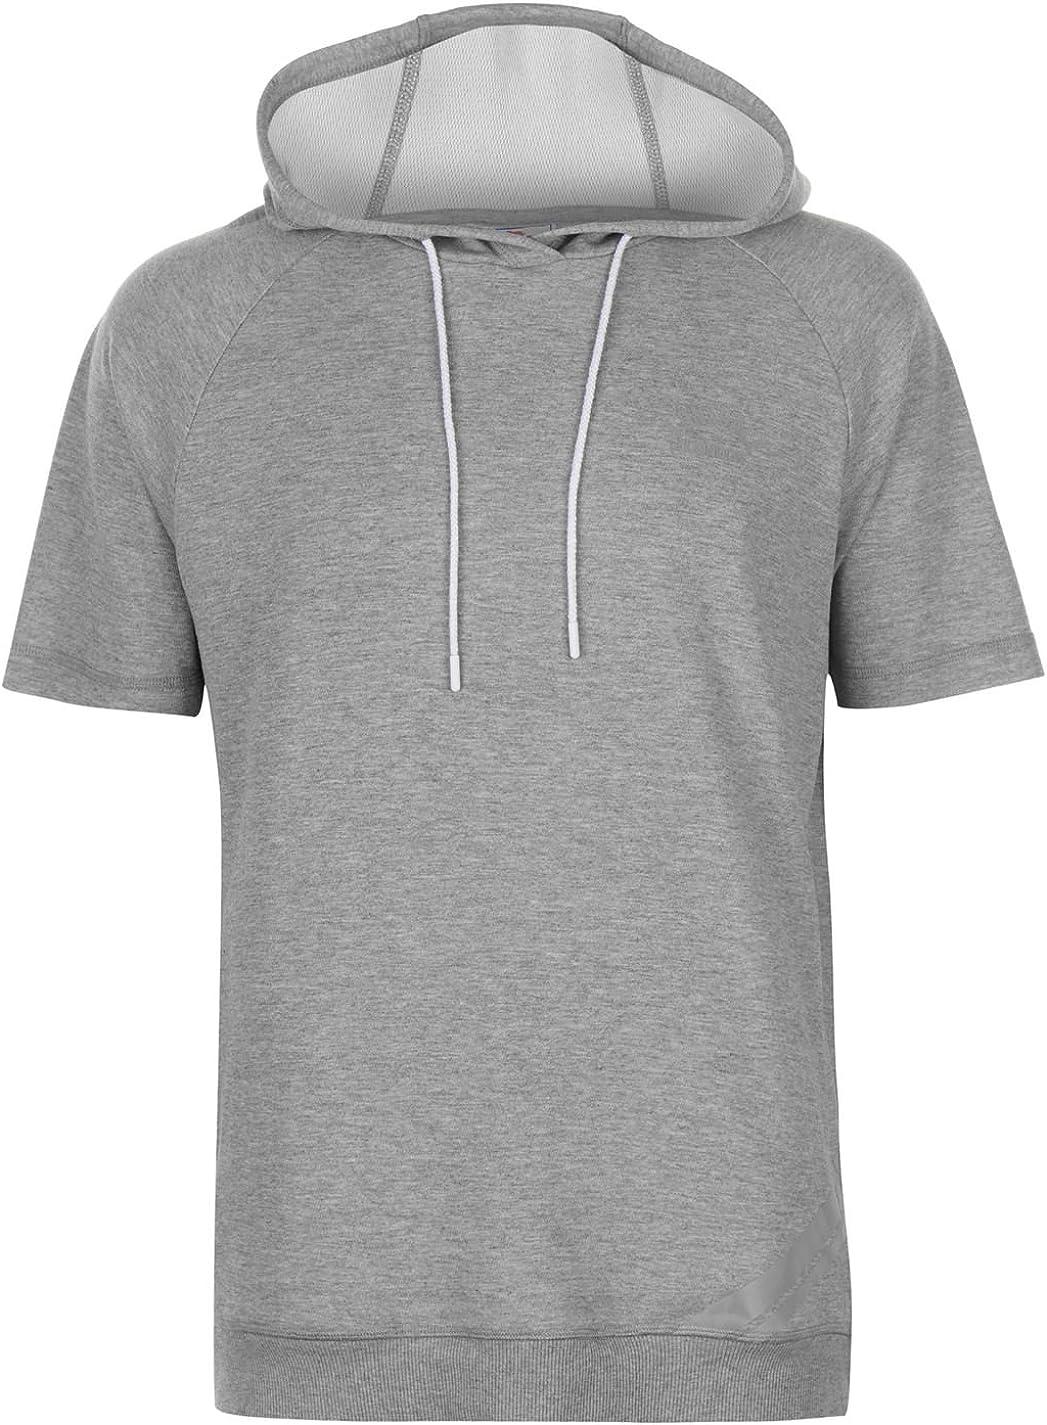 Lonsdale Sweat Shirt à Capuche Homme Gris XL: Amazon